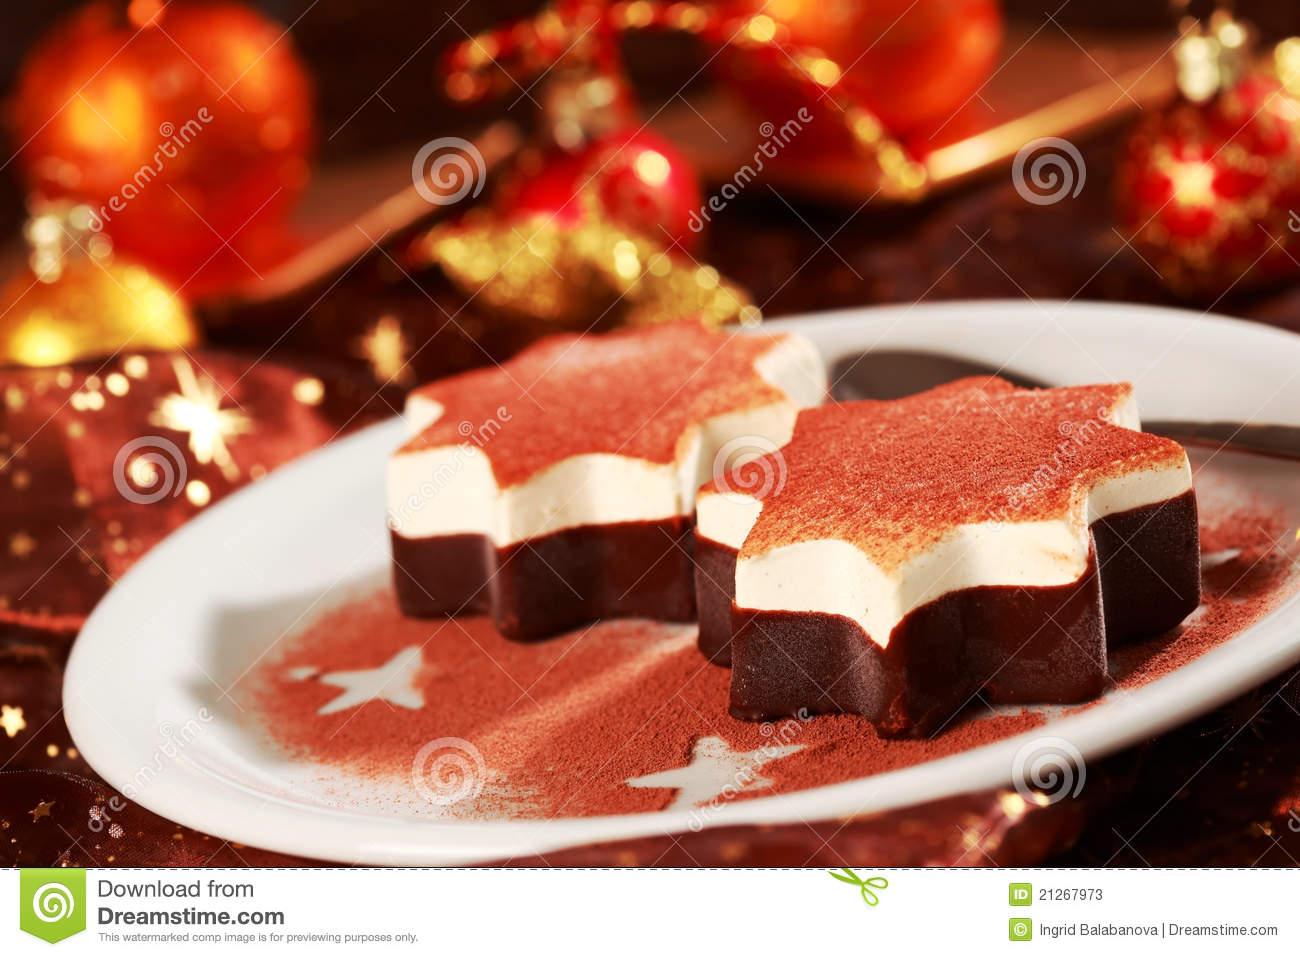 Dessert de noel quelques id es qui devraient surprendre vos convives - Recette de noel dessert ...